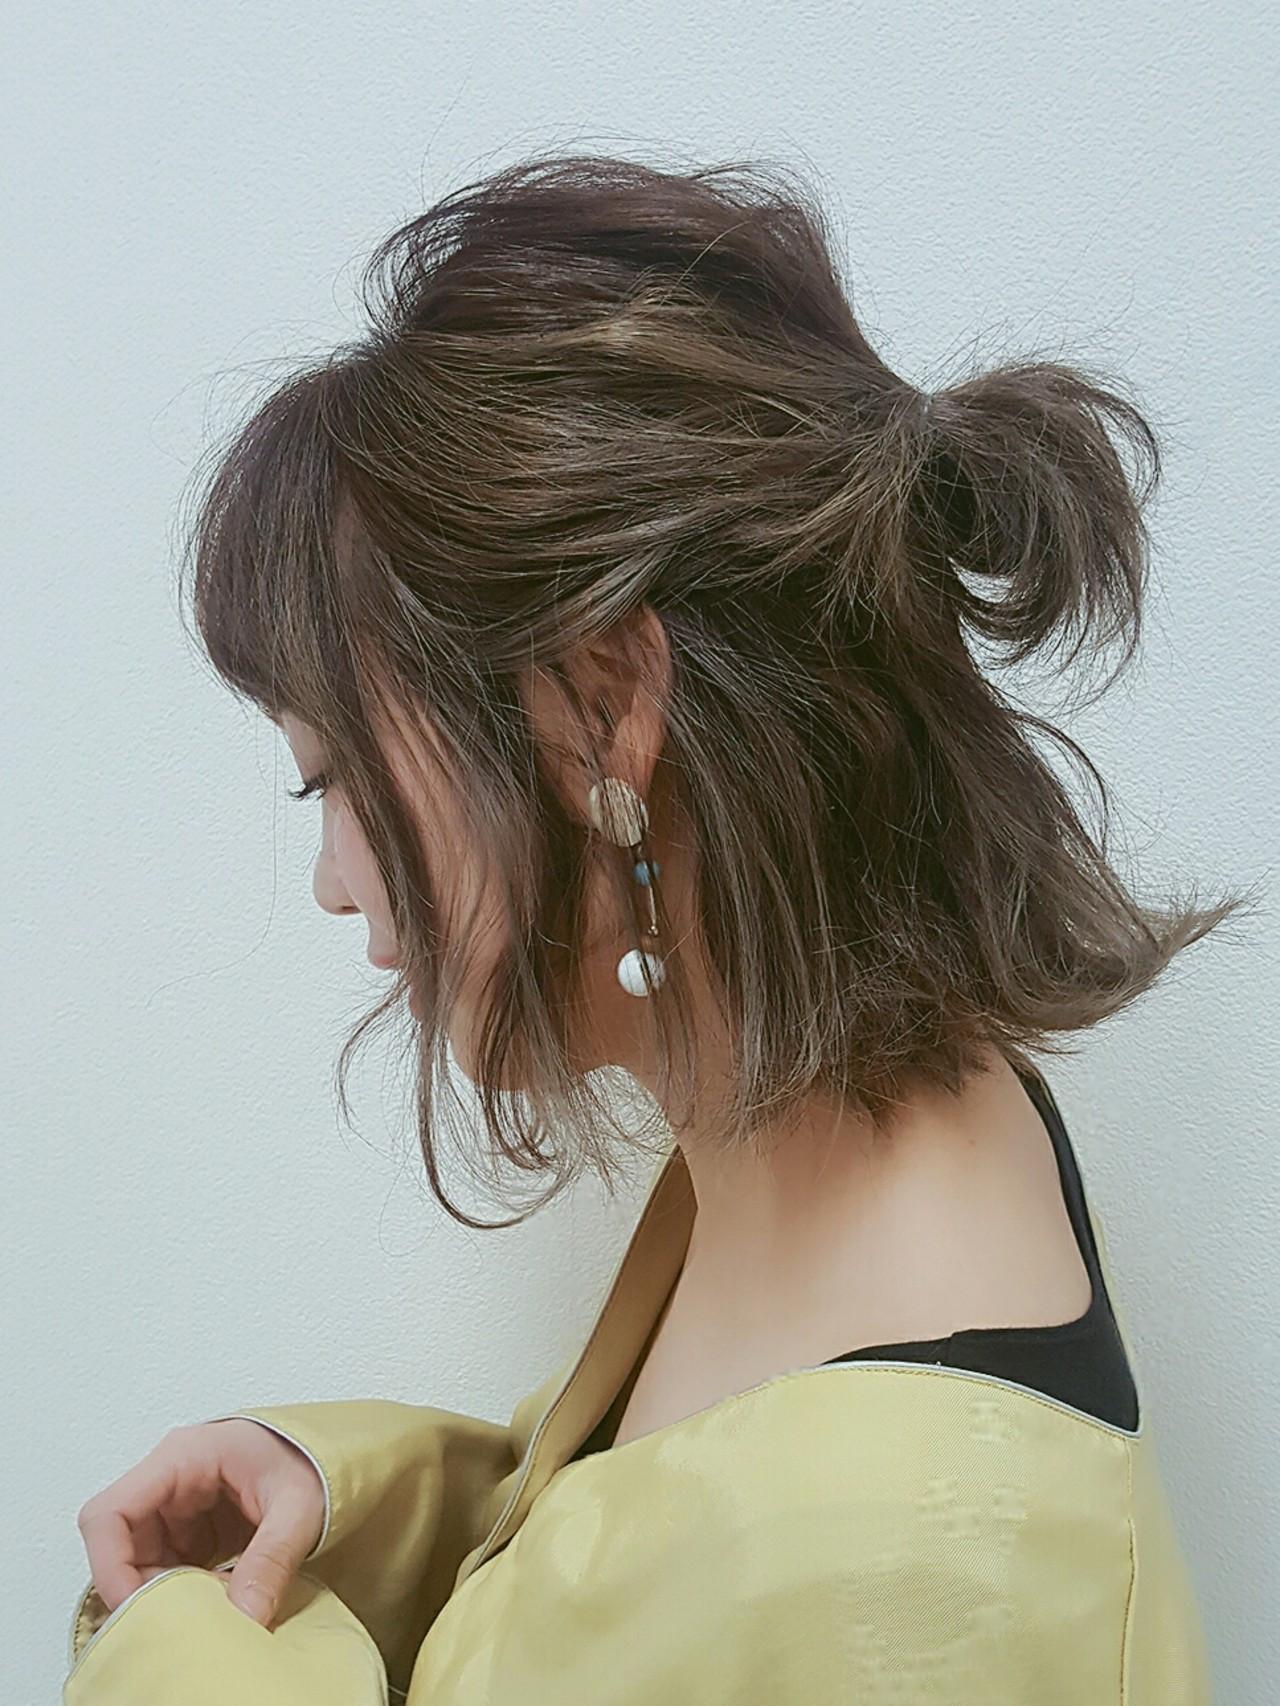 セミロングは、まとめ髪でバージョンアップ!マンネリにならないまとめ髪特集 Naoko Miura